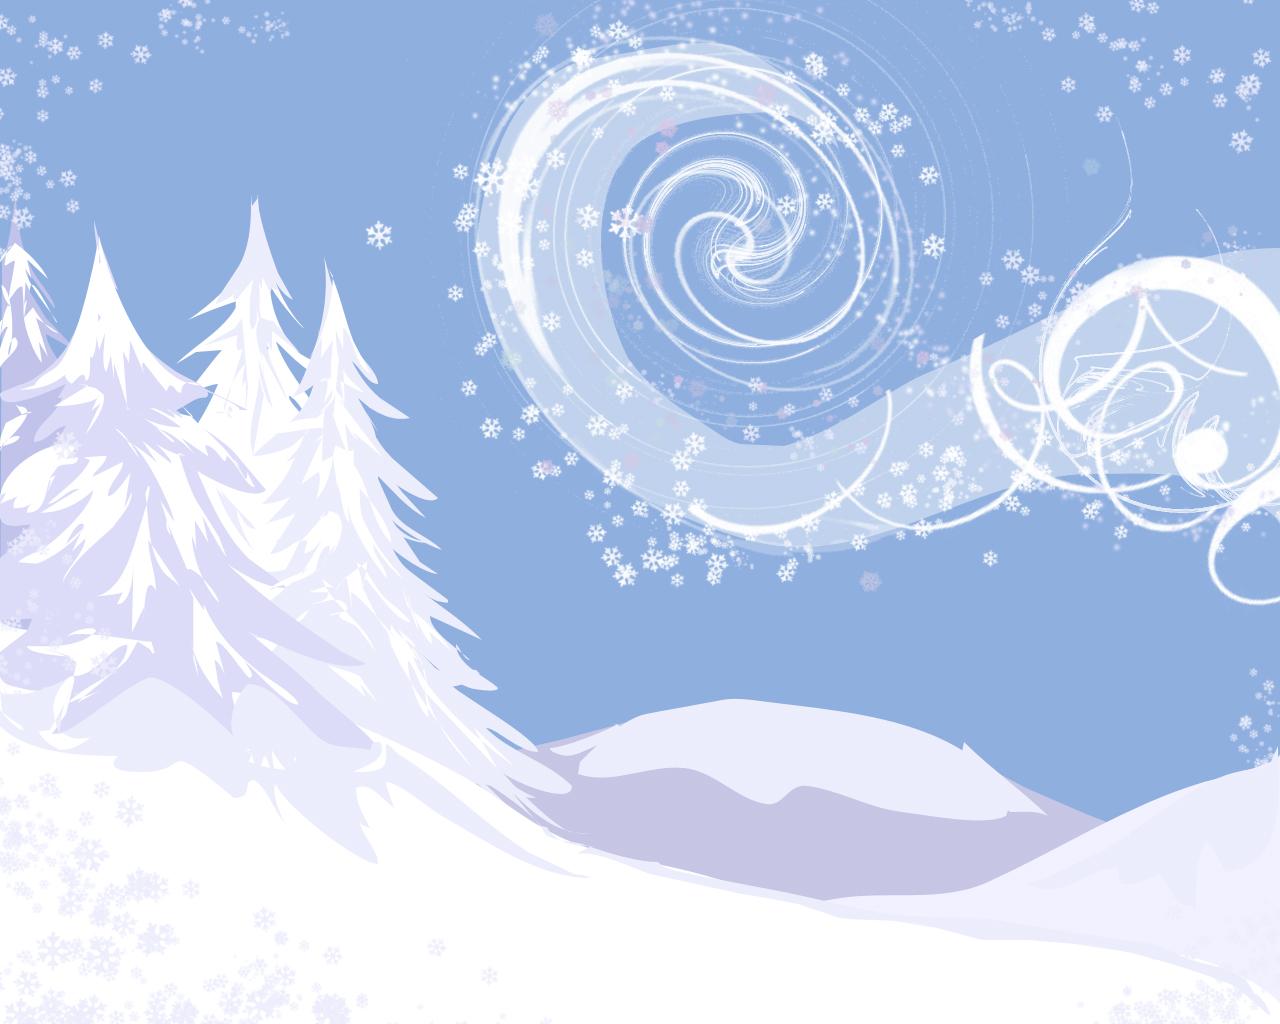 Обои для рабчоего стола, фото, снег, зима